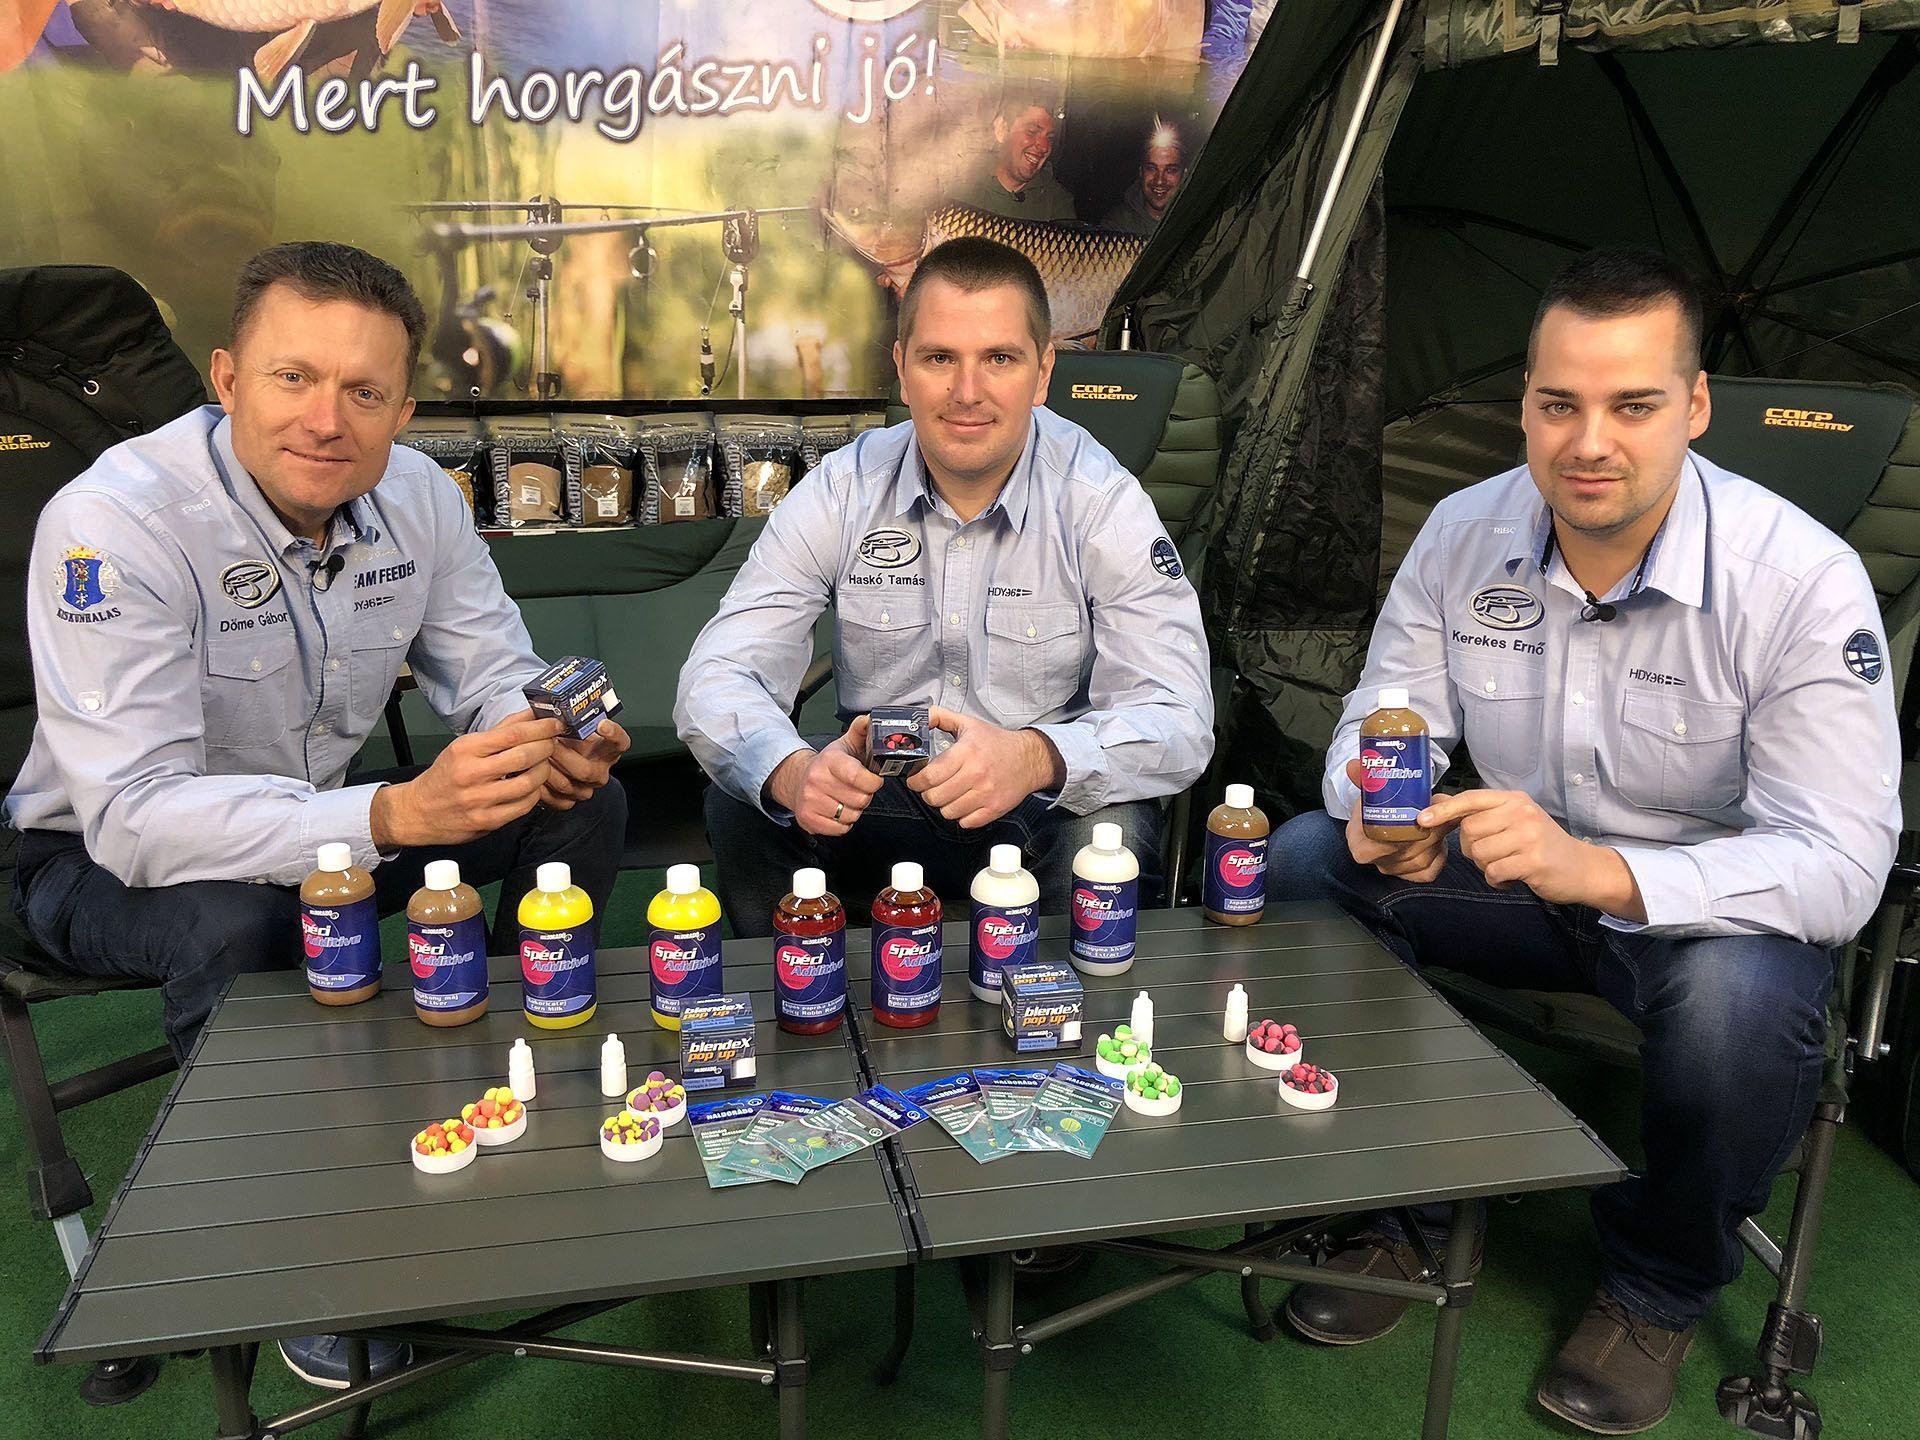 A Haldorádó Carp Team két jeles tagjával, Haskó Tamással és Kerekes Ernővel közösen olyan különleges, nagyhalas termékeken dolgoztunk, amik a modern, rapid nagyponty-horgászat elvárásait hivatottak teljesíteni